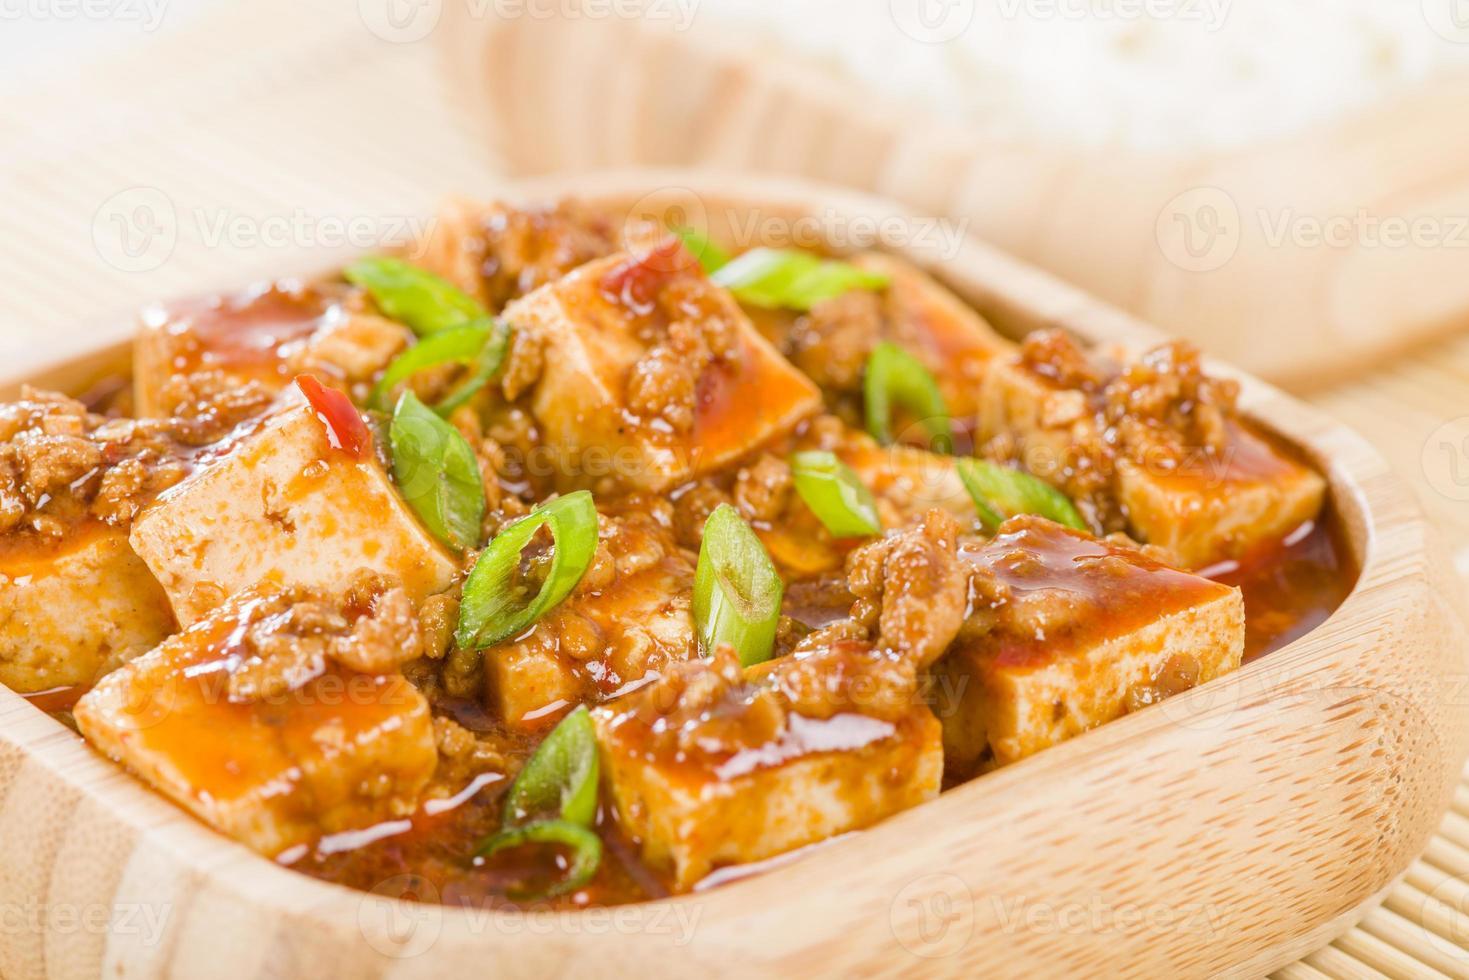 Mapo Tofu (麻婆豆腐) photo